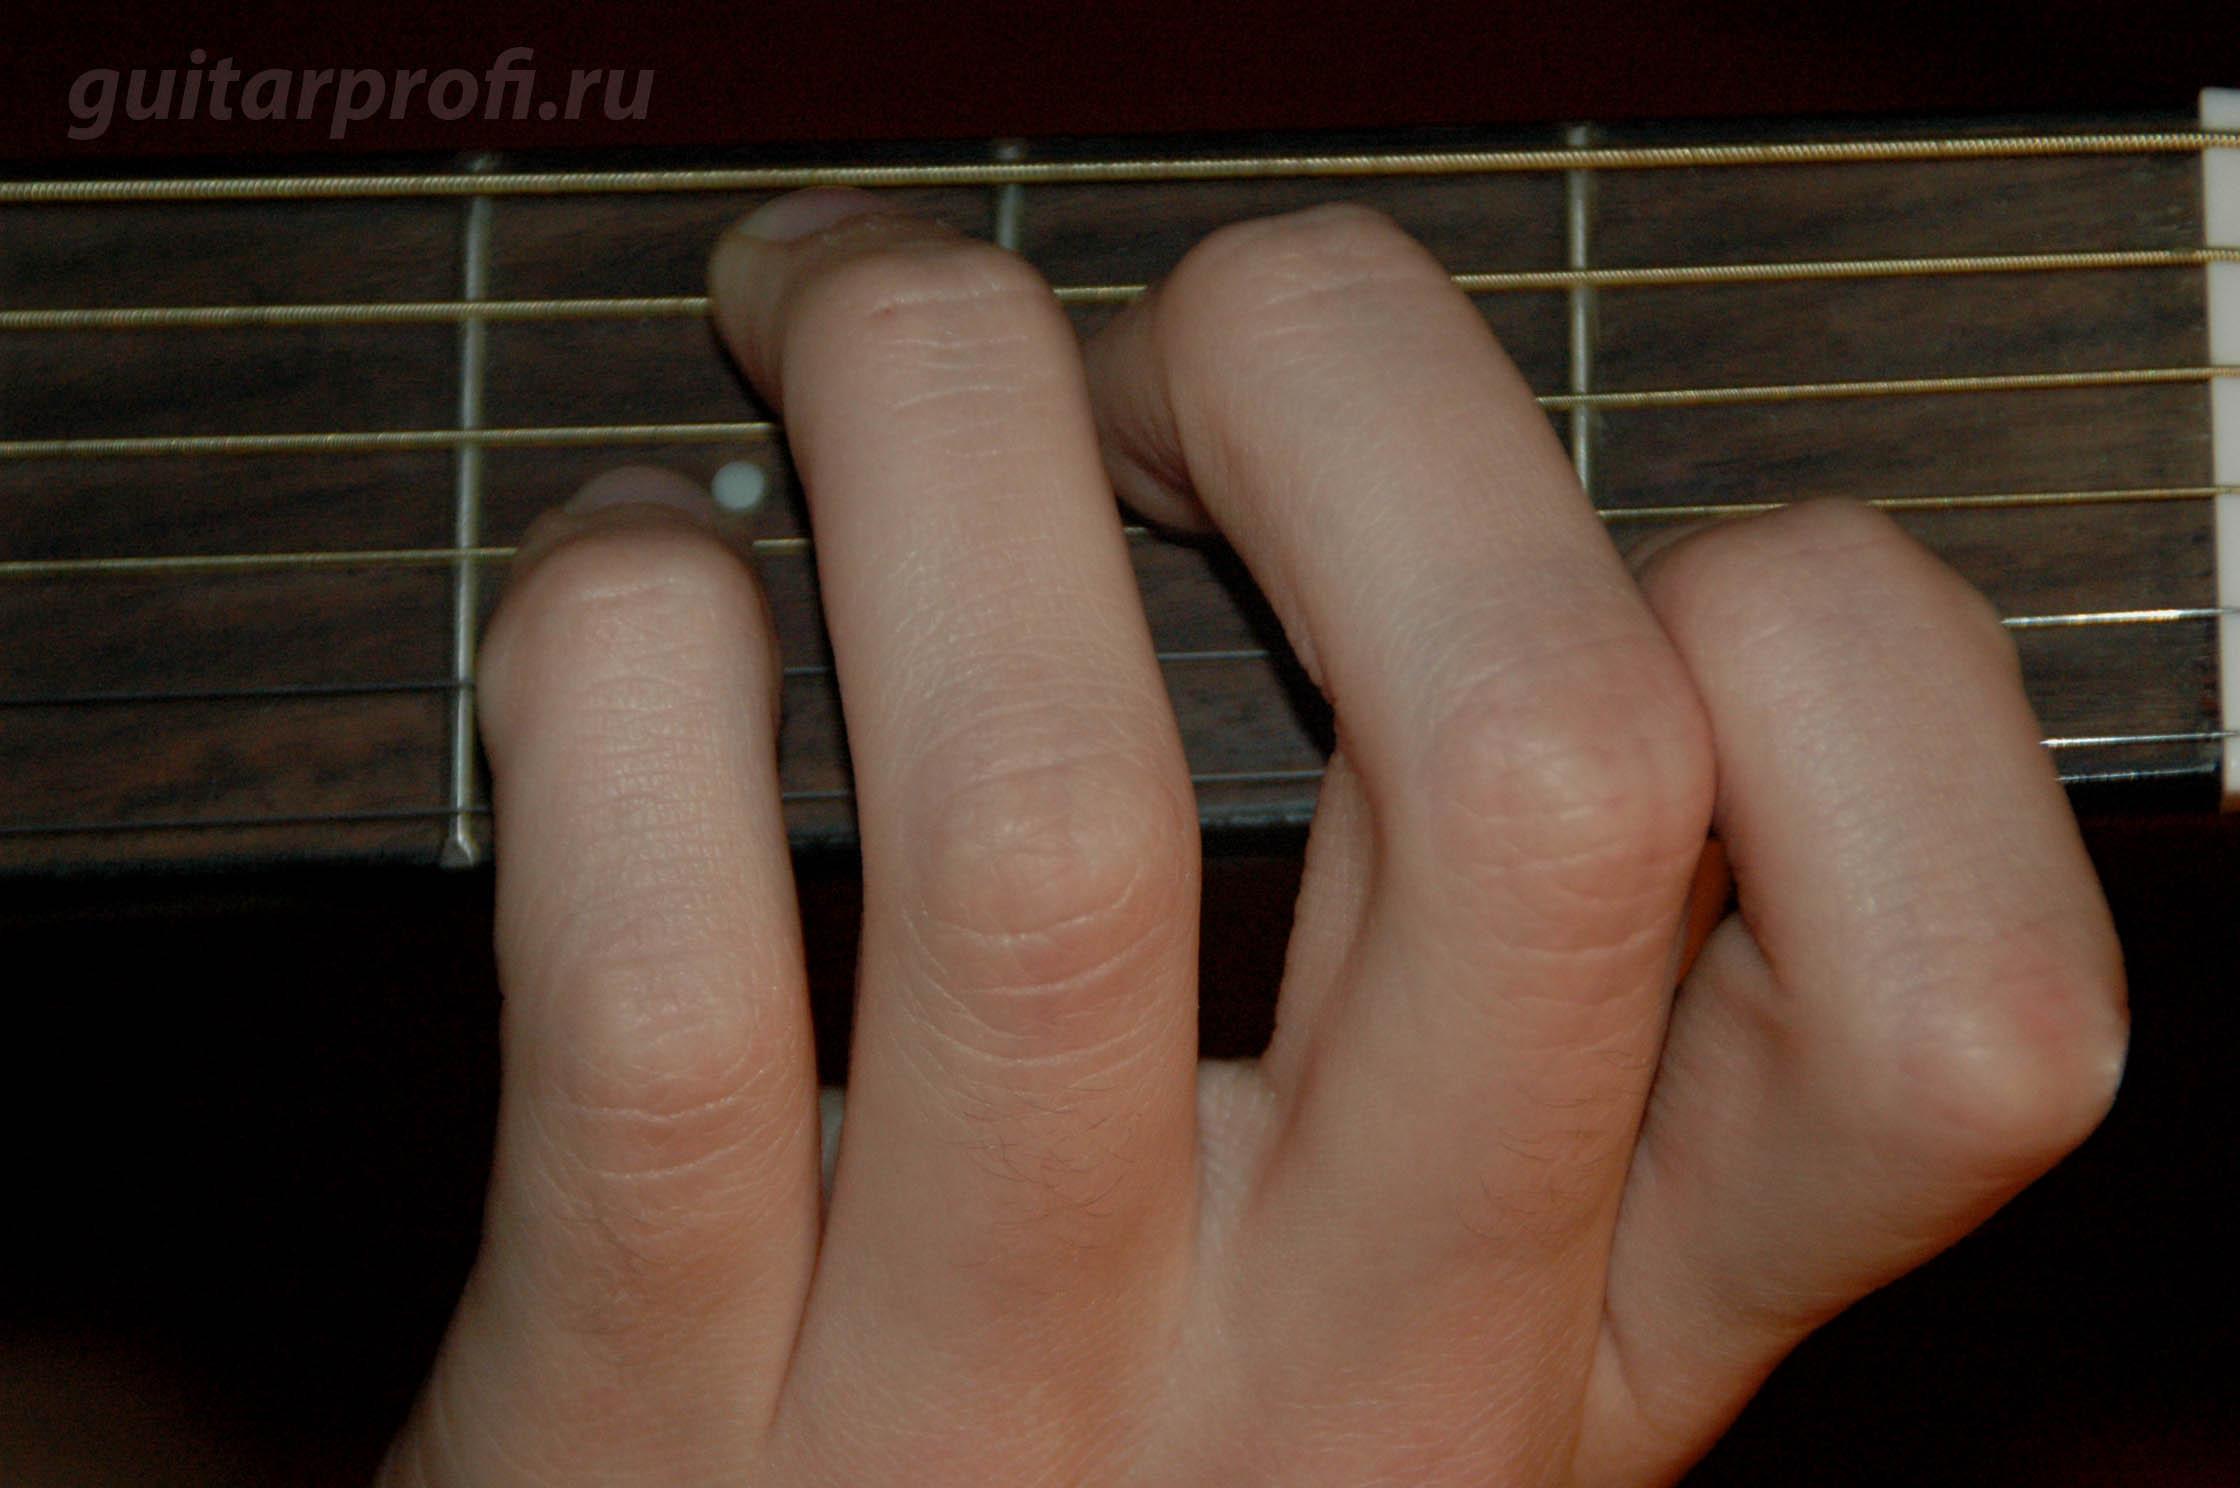 akkord-C7-na-gitare